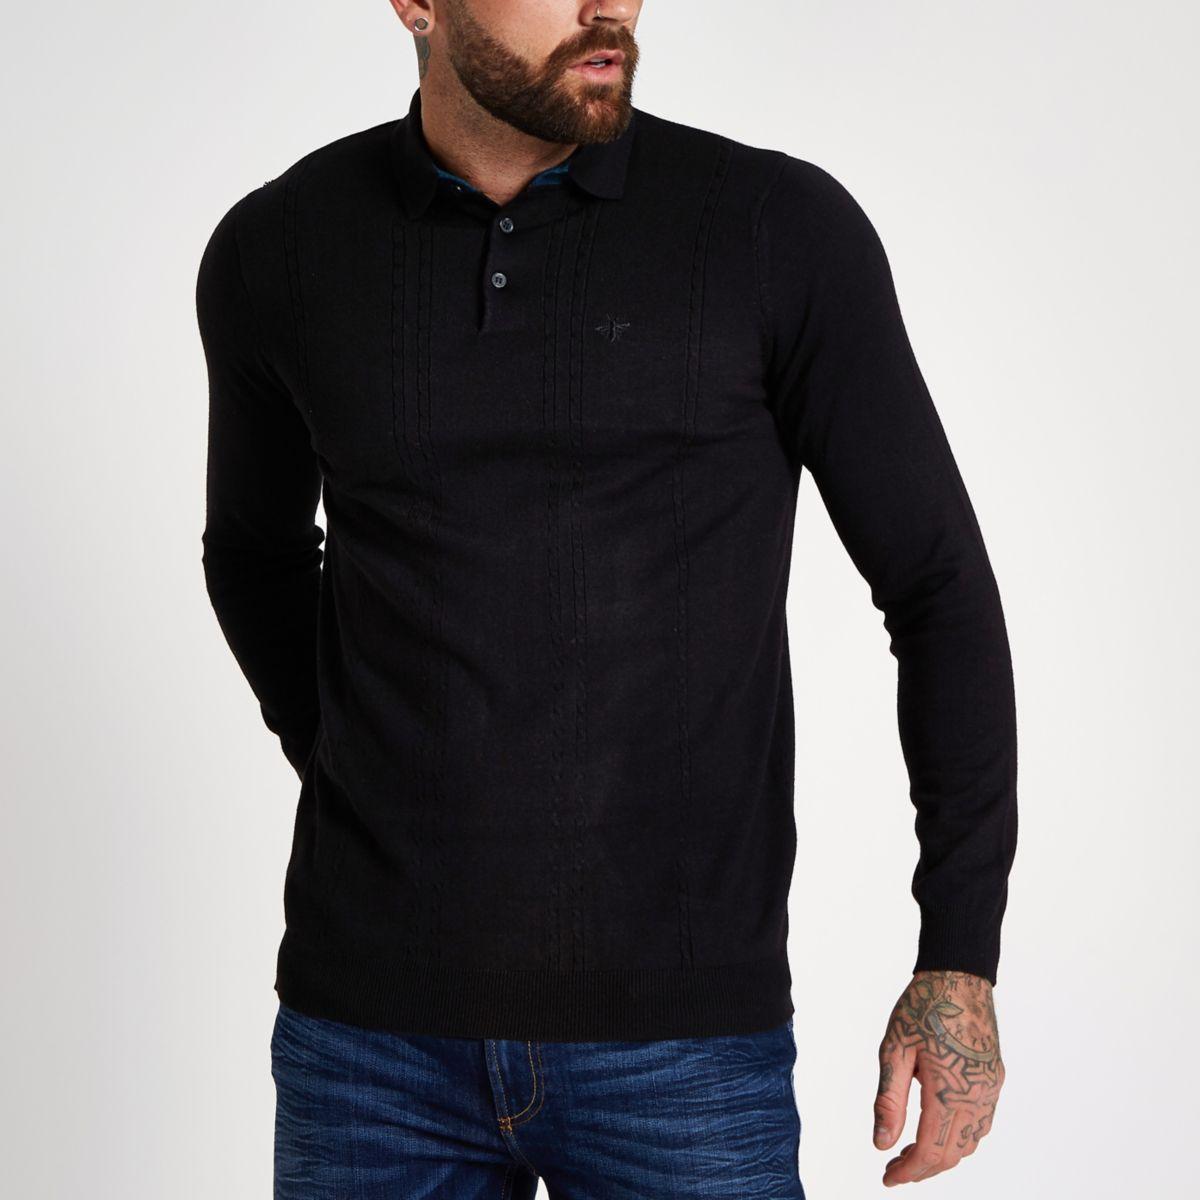 Black slim fit long sleeve polo shirt